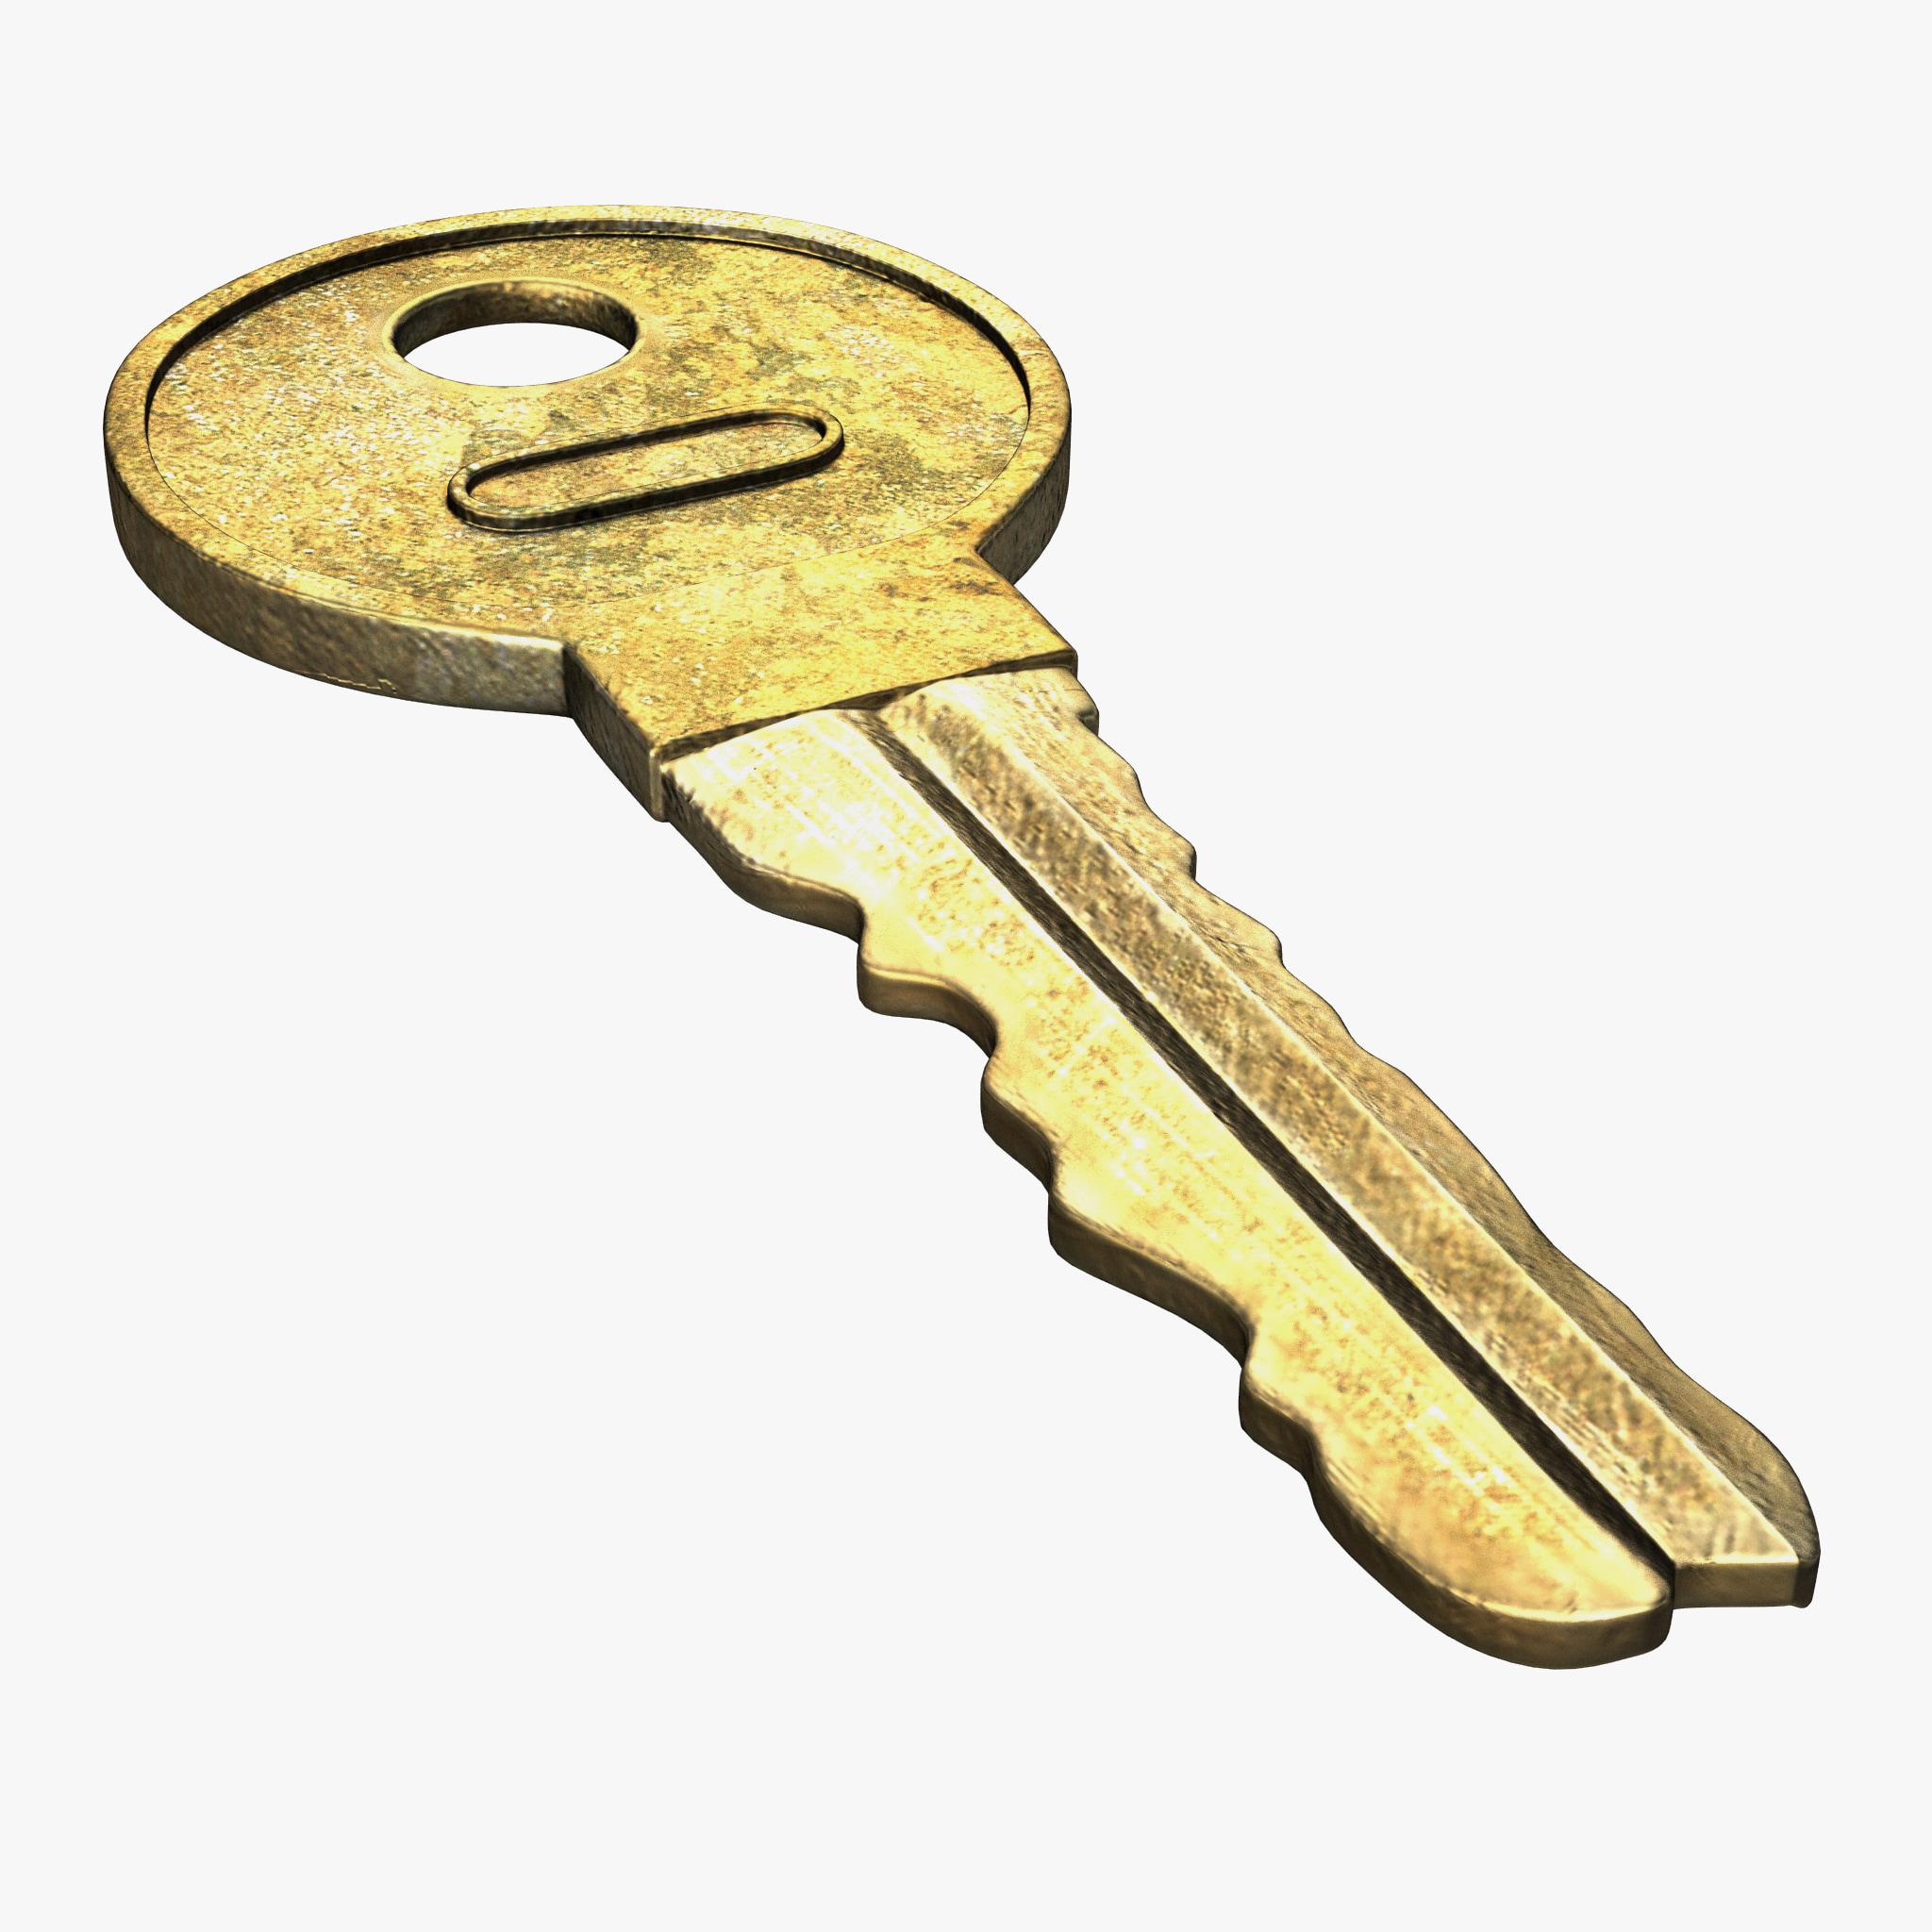 key-3 3ds